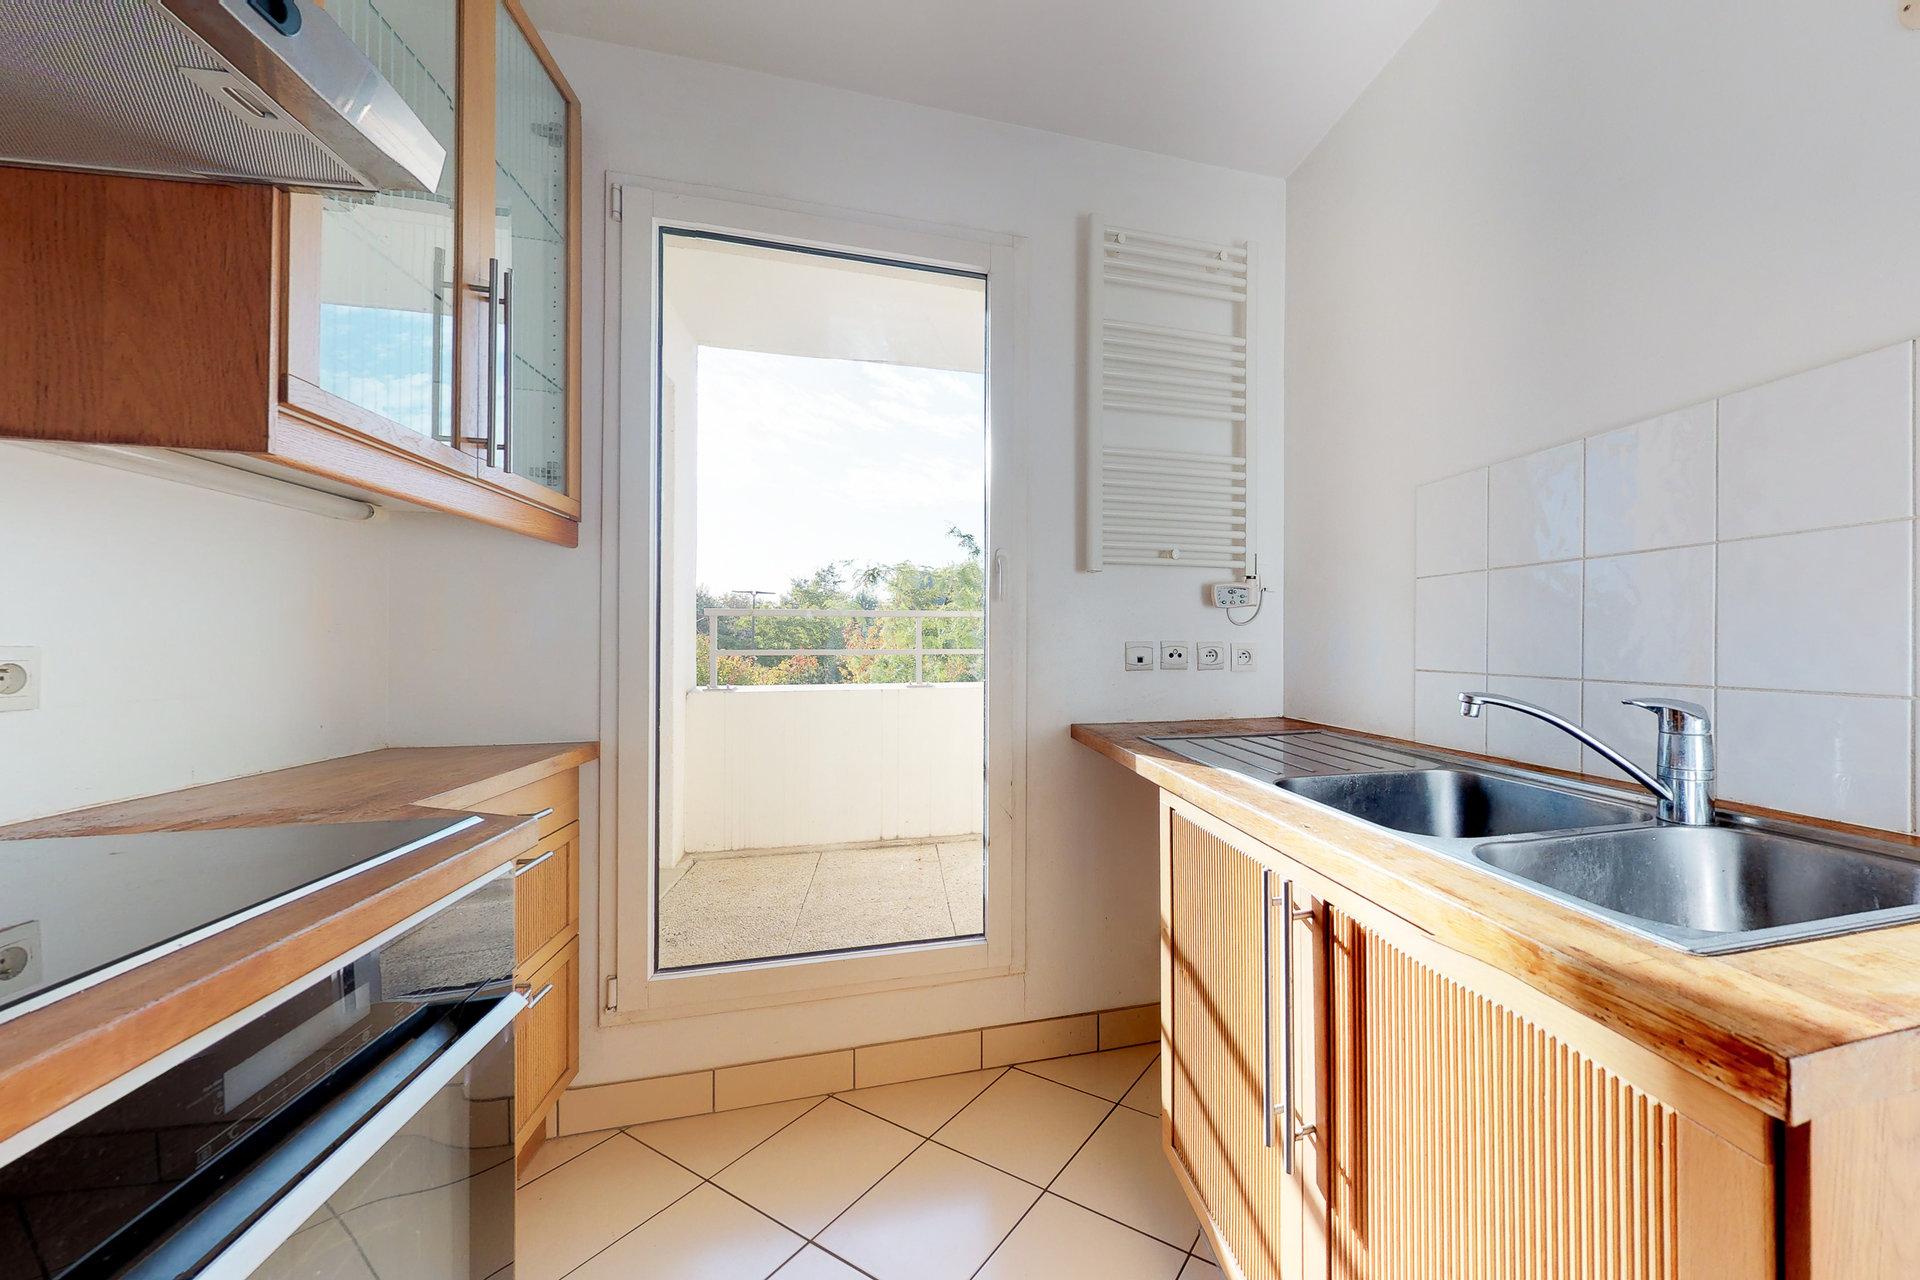 Appartement 69 m2, deux chambres, balcon, belle résidence récente